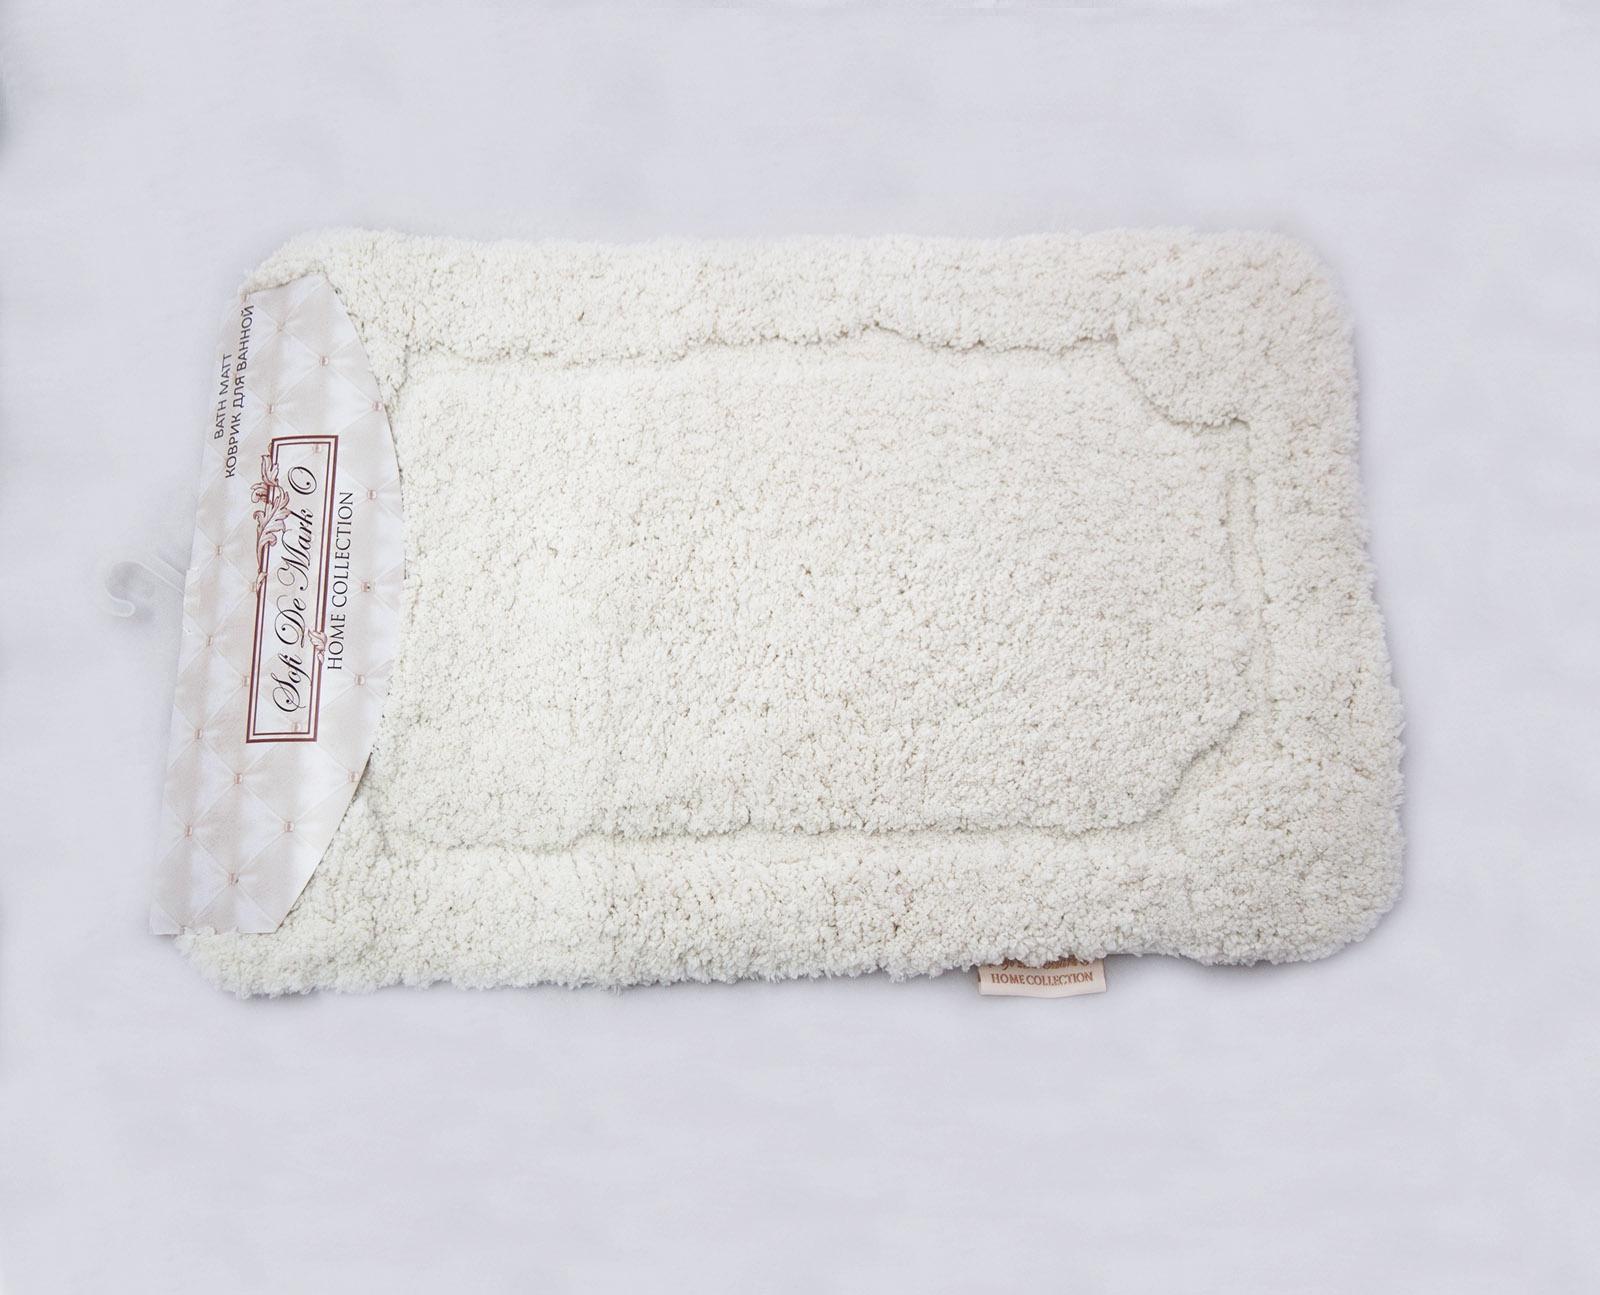 Коврик для ванной Sofi de Marko, К-Э-мол-50х80, молочный, 50х80 см